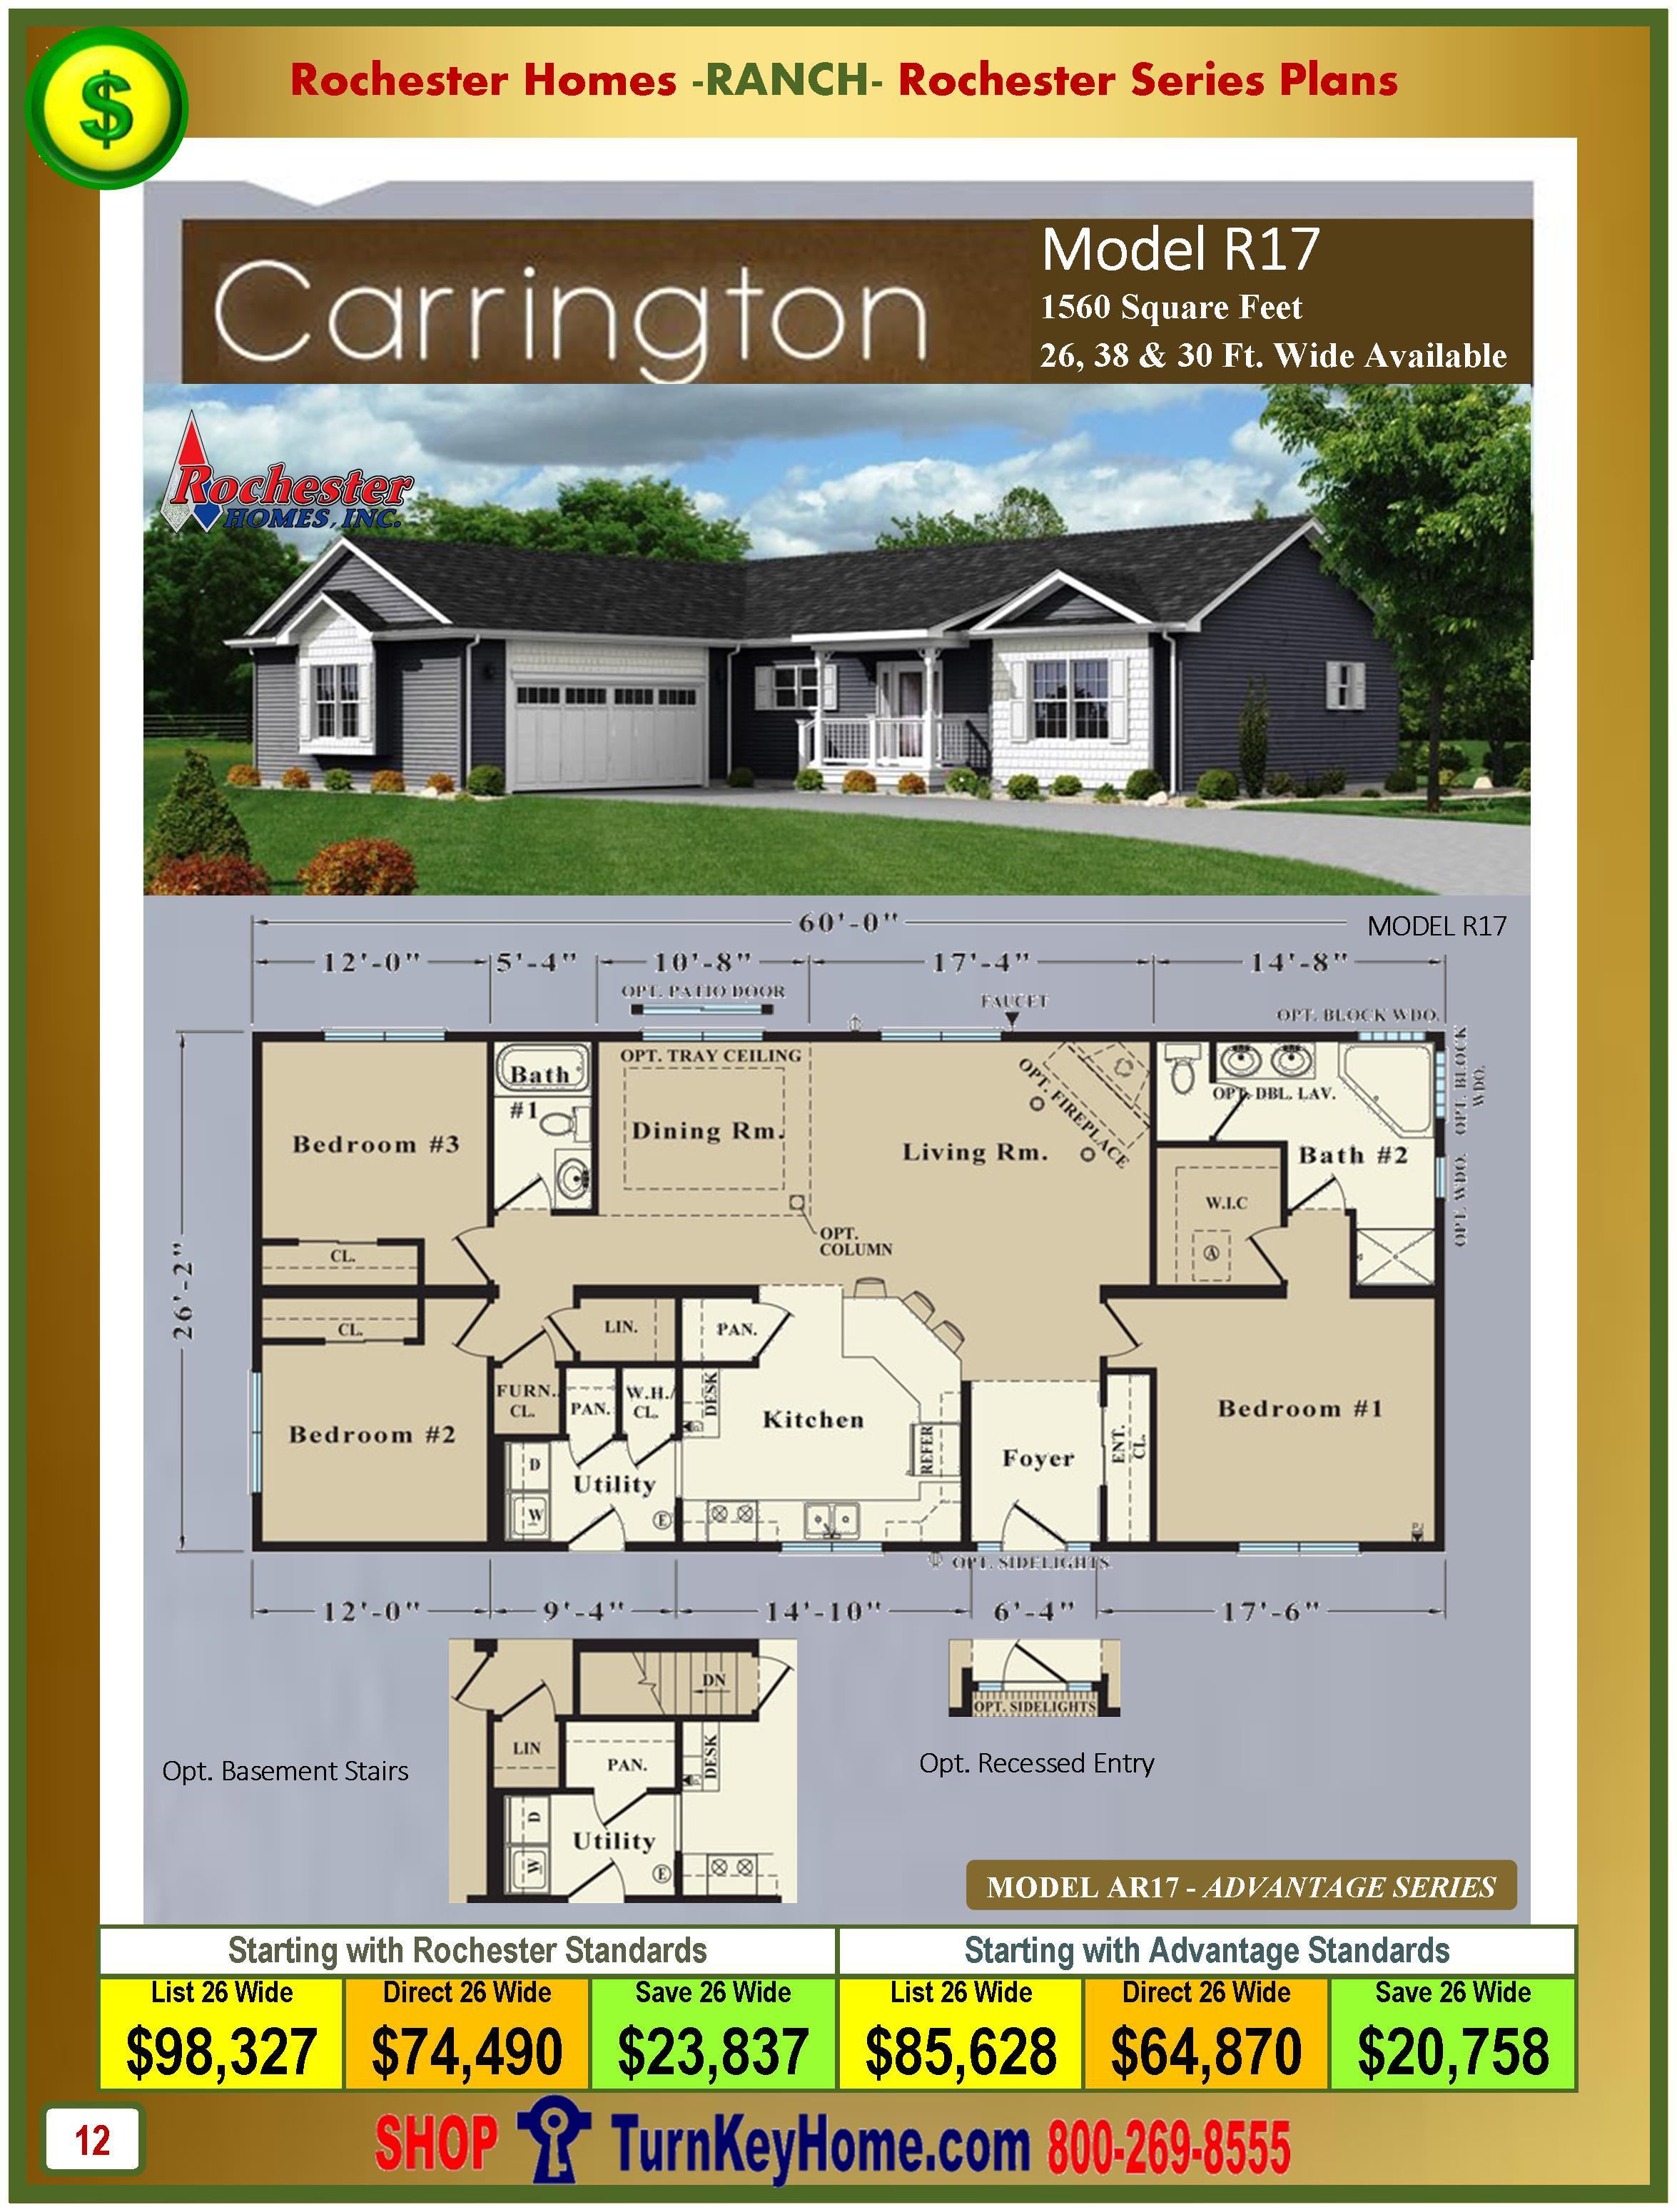 Modular.Homes.Rochester.Home.Inc.Carrington.R17.Ranch.Plan.Price.Catalog.P12.1215